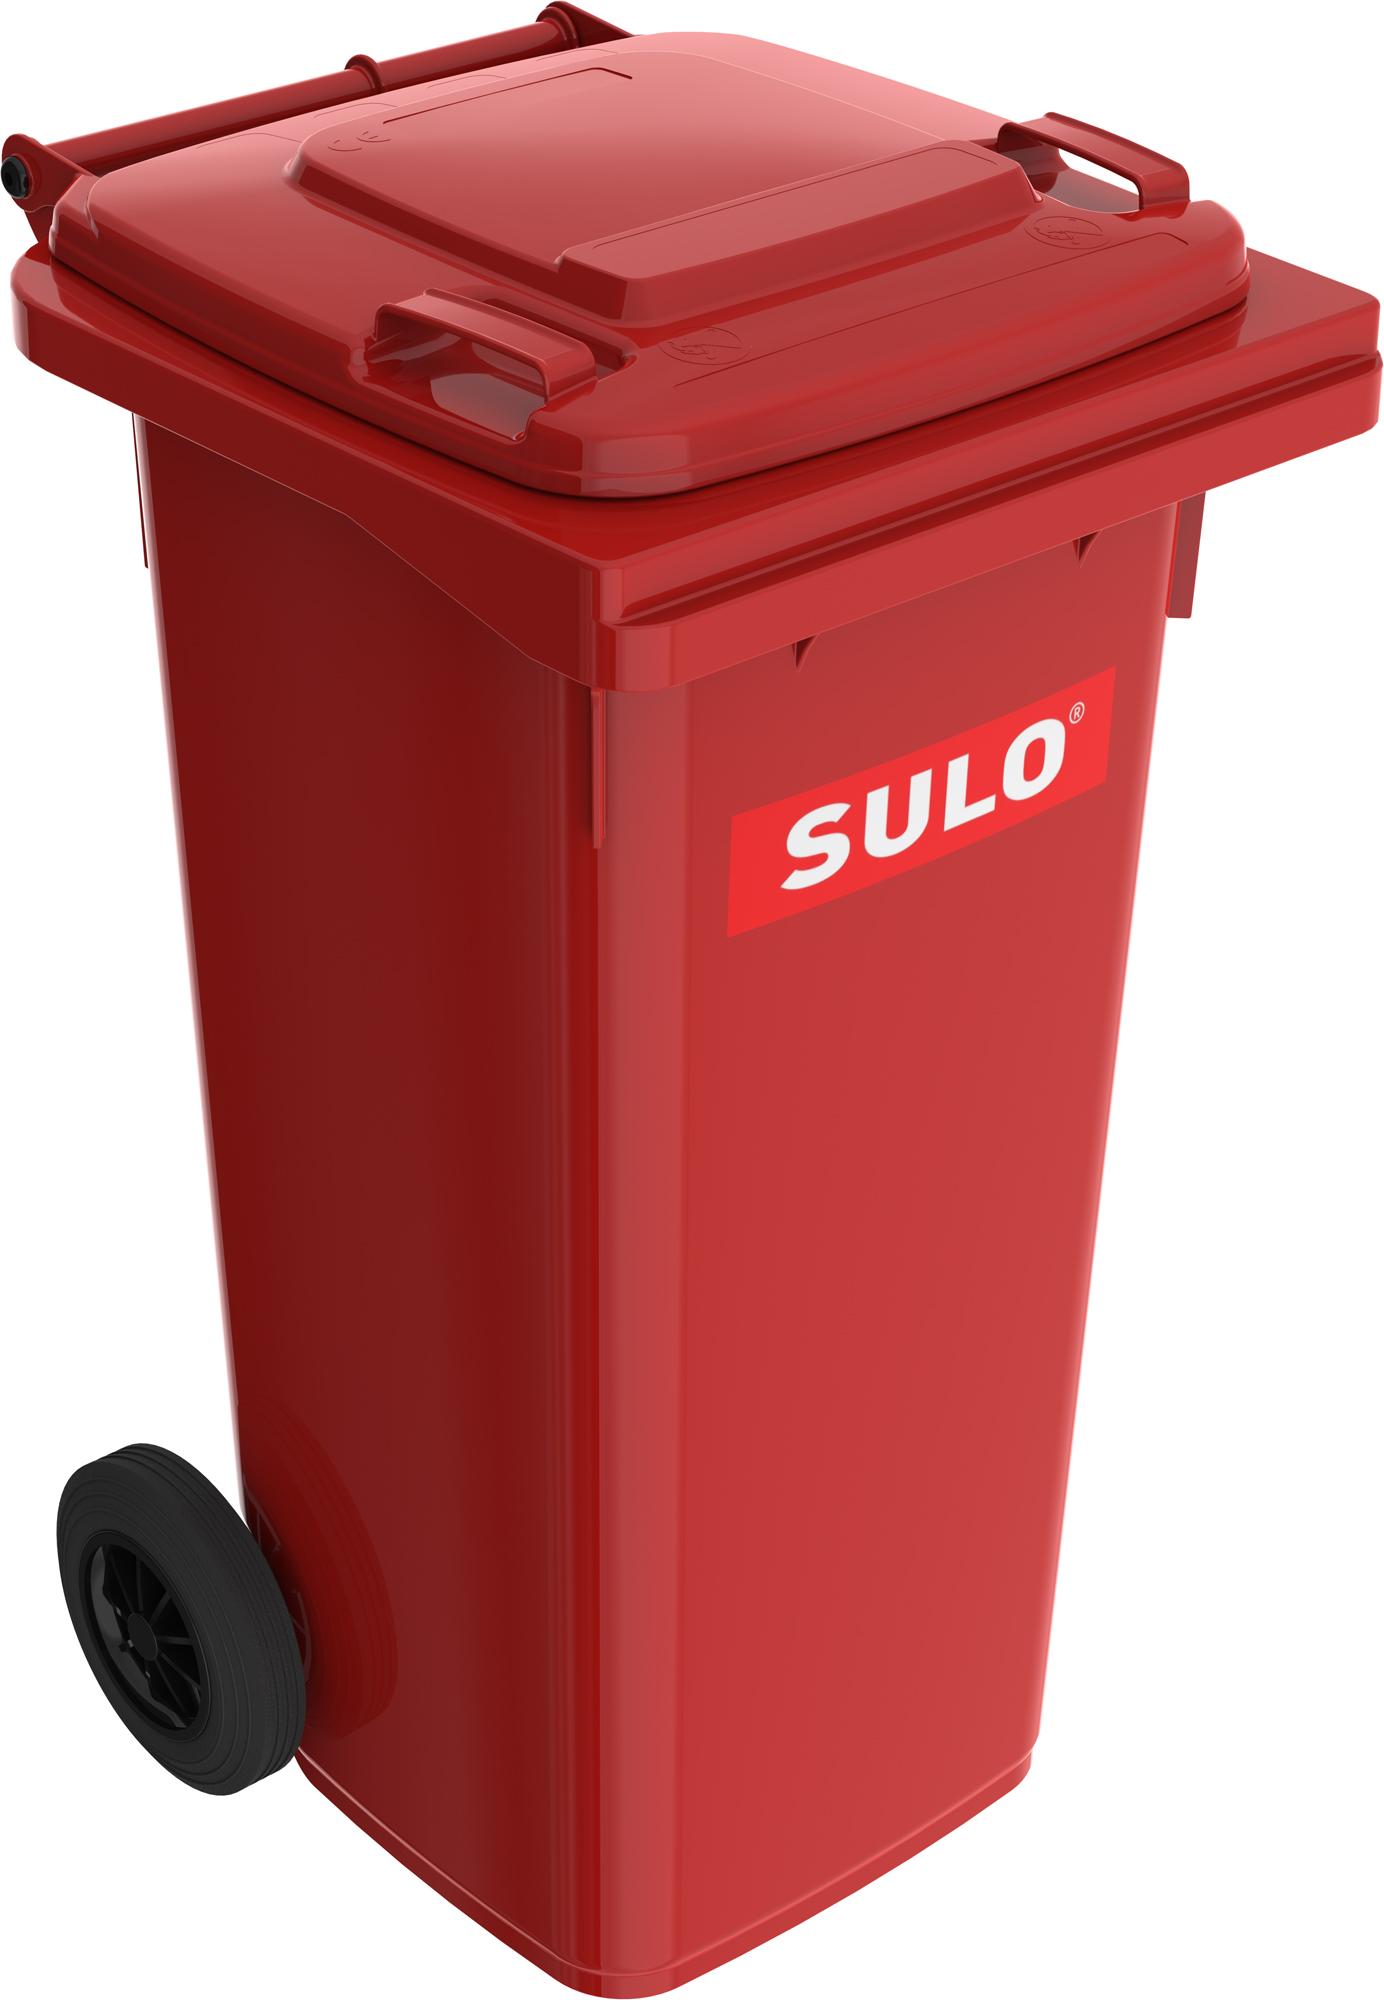 Europubela Din Material Plastic 120 L Culoare Rosie Mevatec - Transport Inclus 2021 sanito.ro